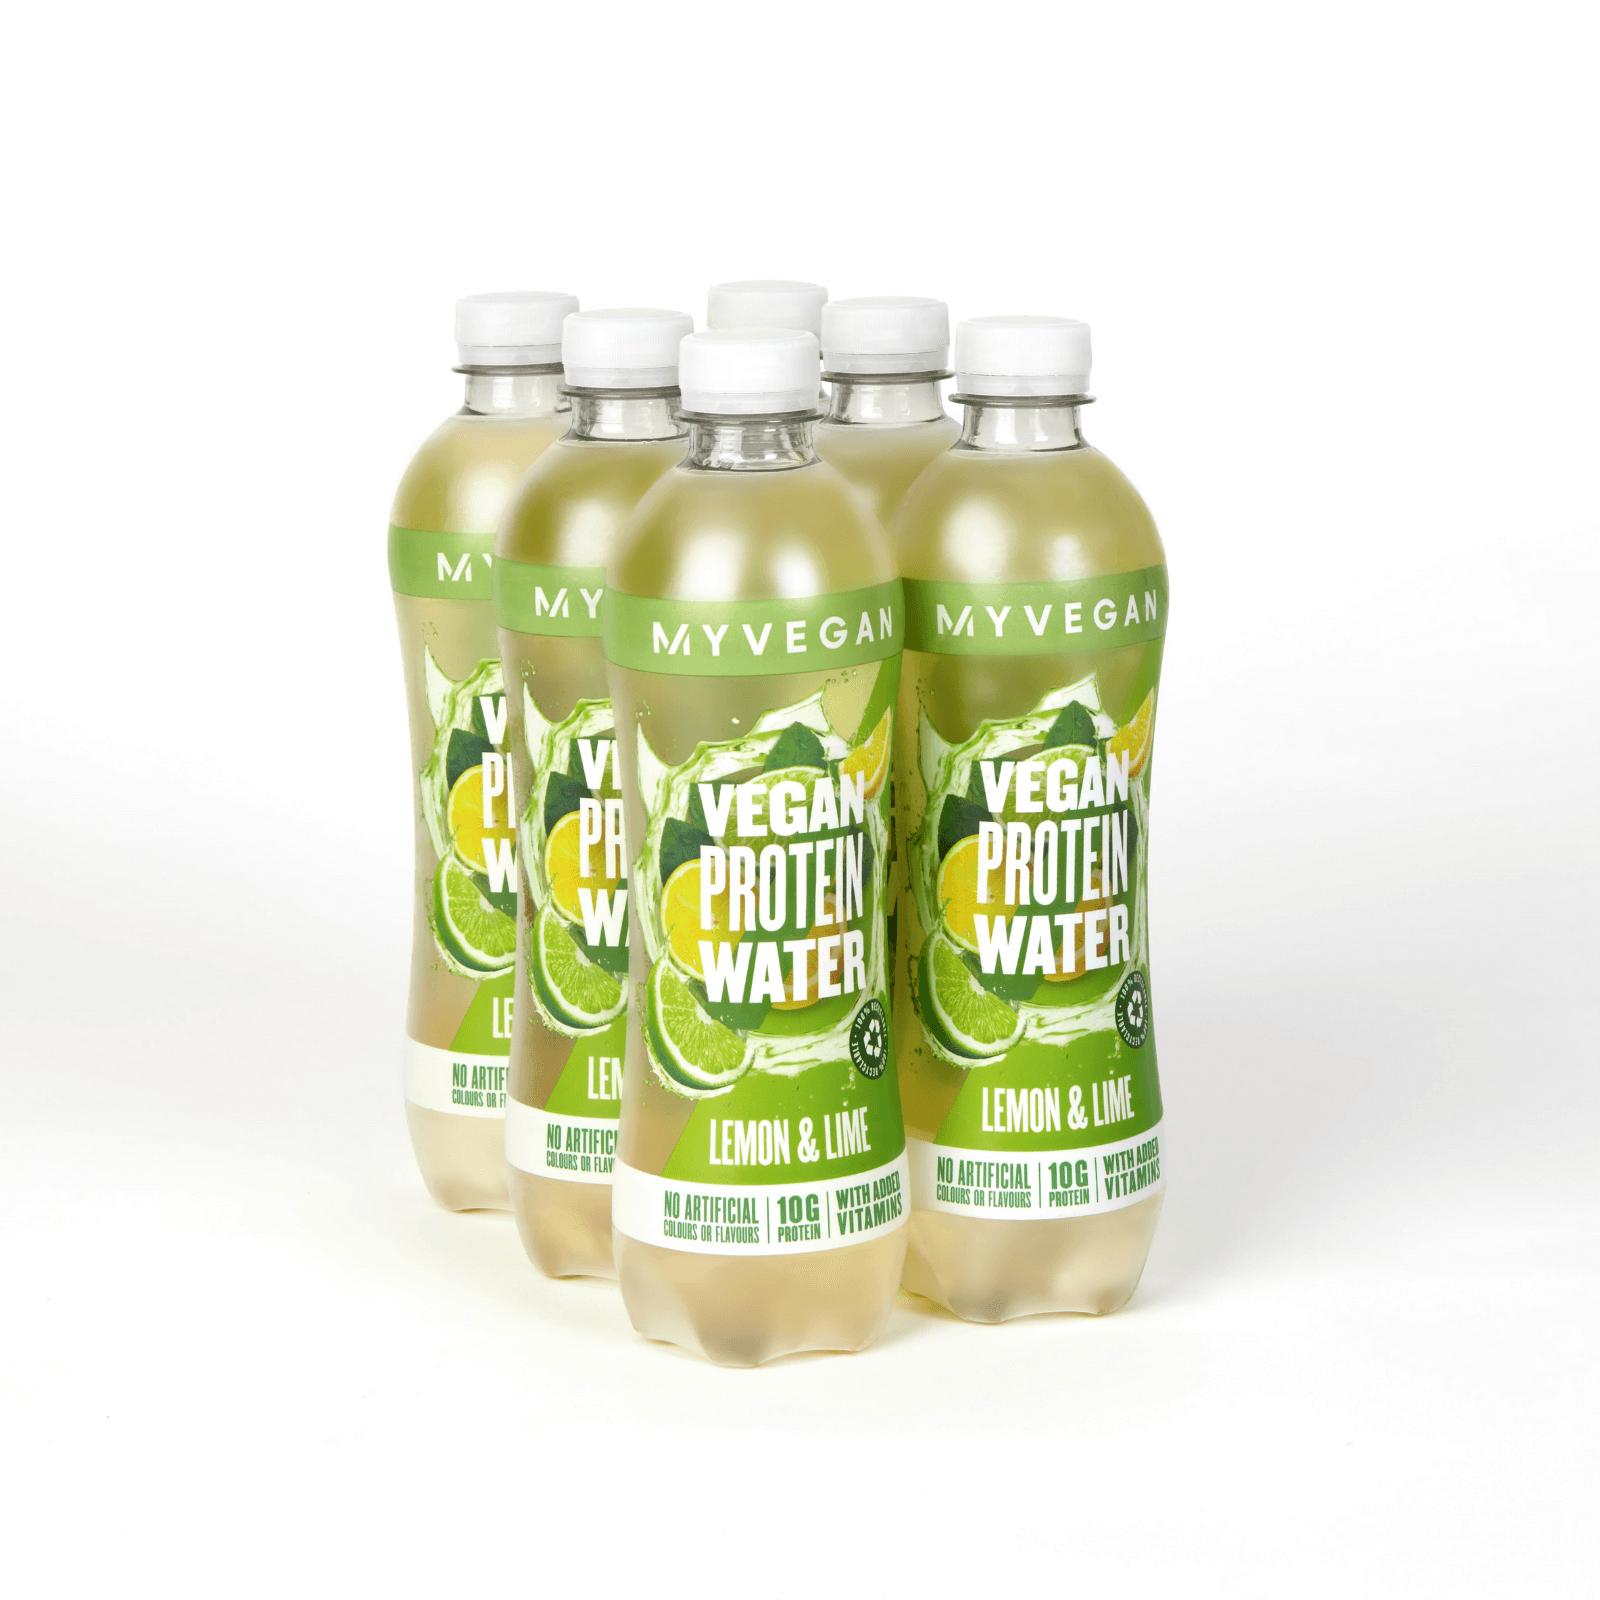 Eau protéinée Clear Vegan - 6 x 500ml - Bouteille - Lemon Lime